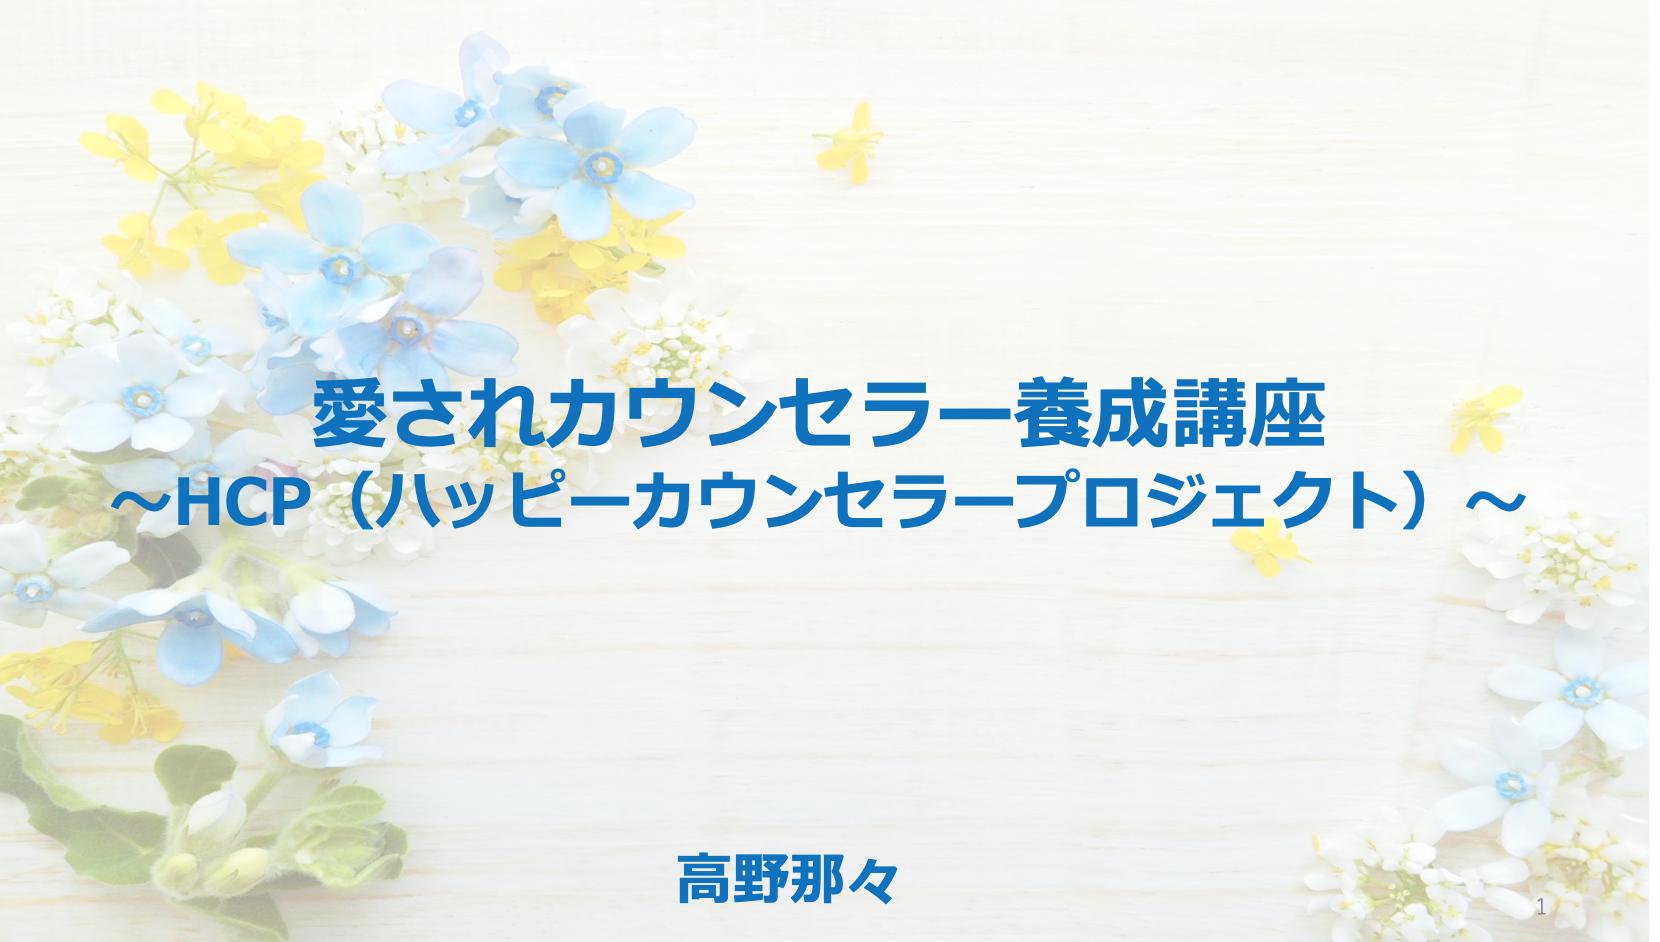 愛されカウンセラー養成講座 〜HCP(ハッピーカウンセラープロジェクト)〜